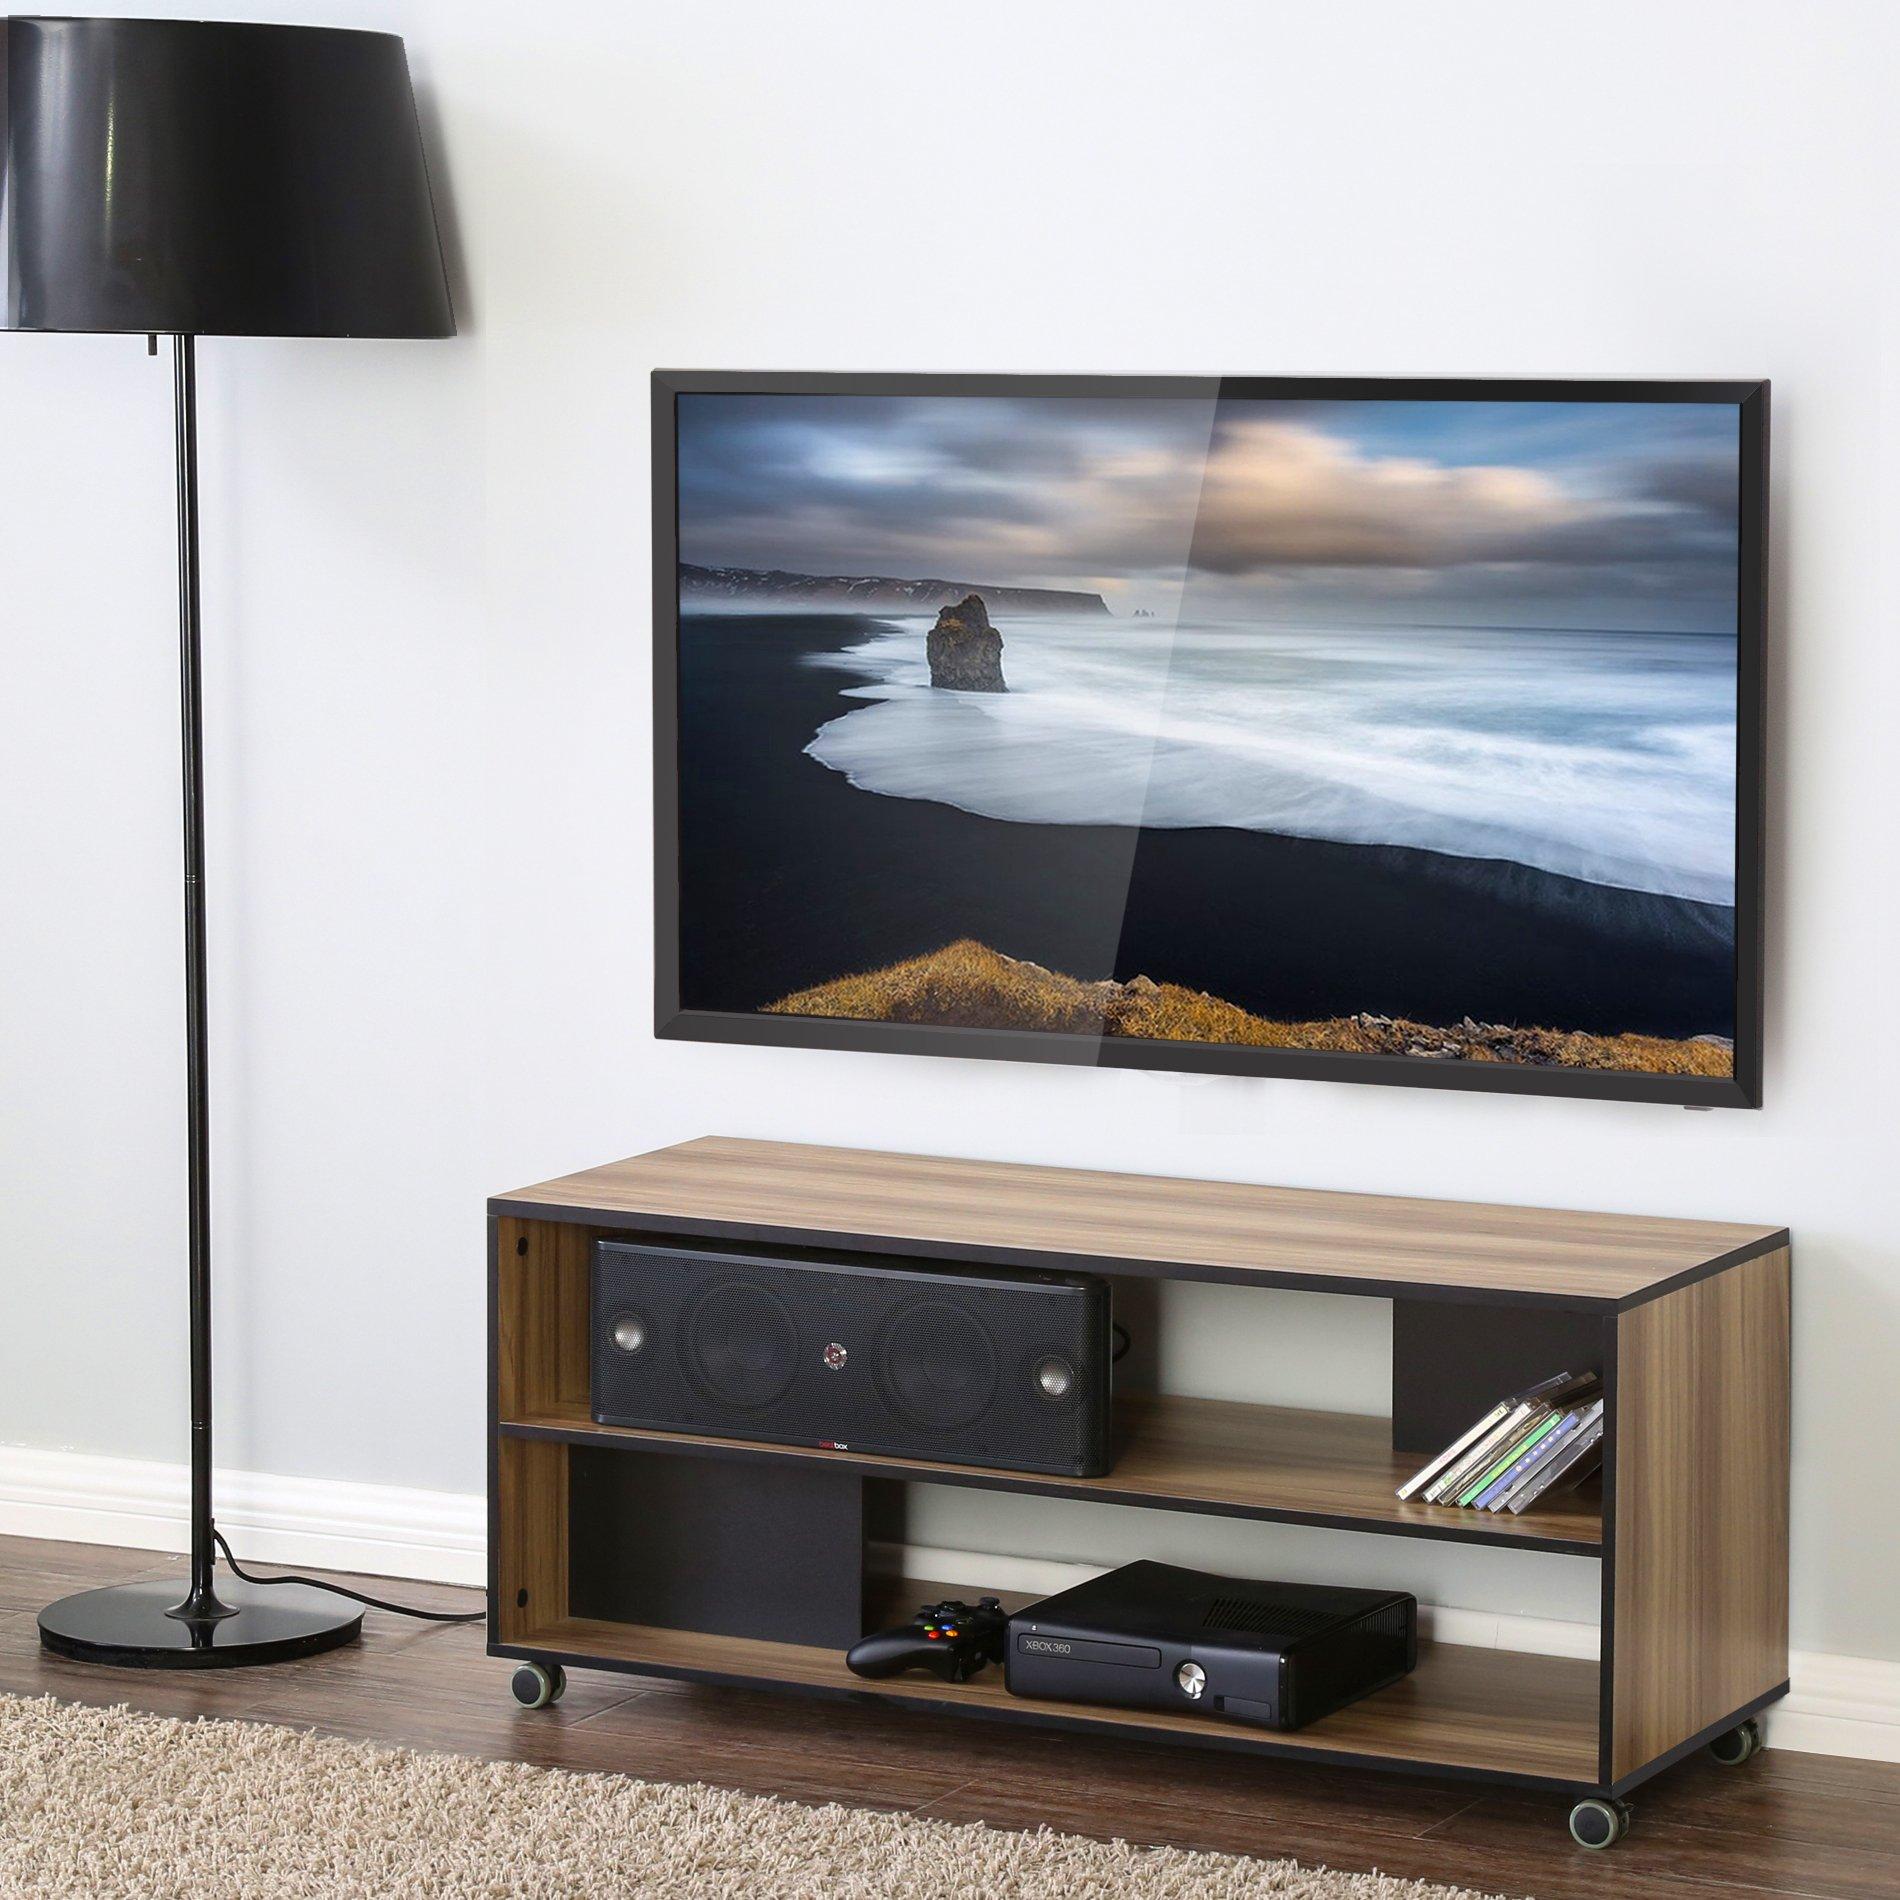 Details about Estanteria para Tv Mesa de Tv o mesita de centro elevable  para salón o comedor